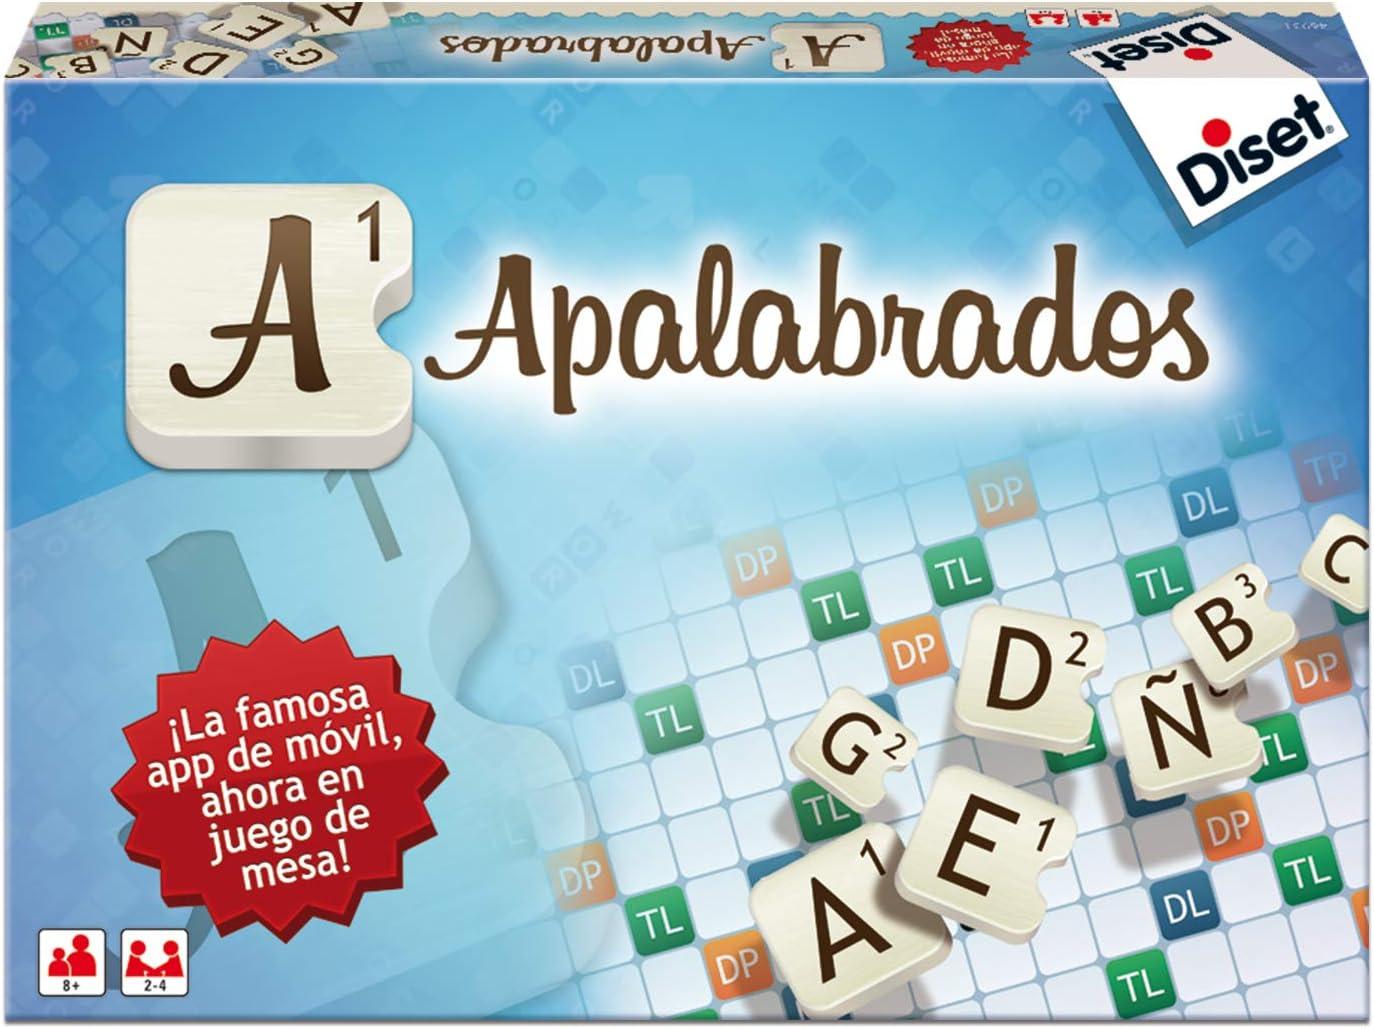 Diset - Apalabrados (46931): Amazon.es: Juguetes y juegos